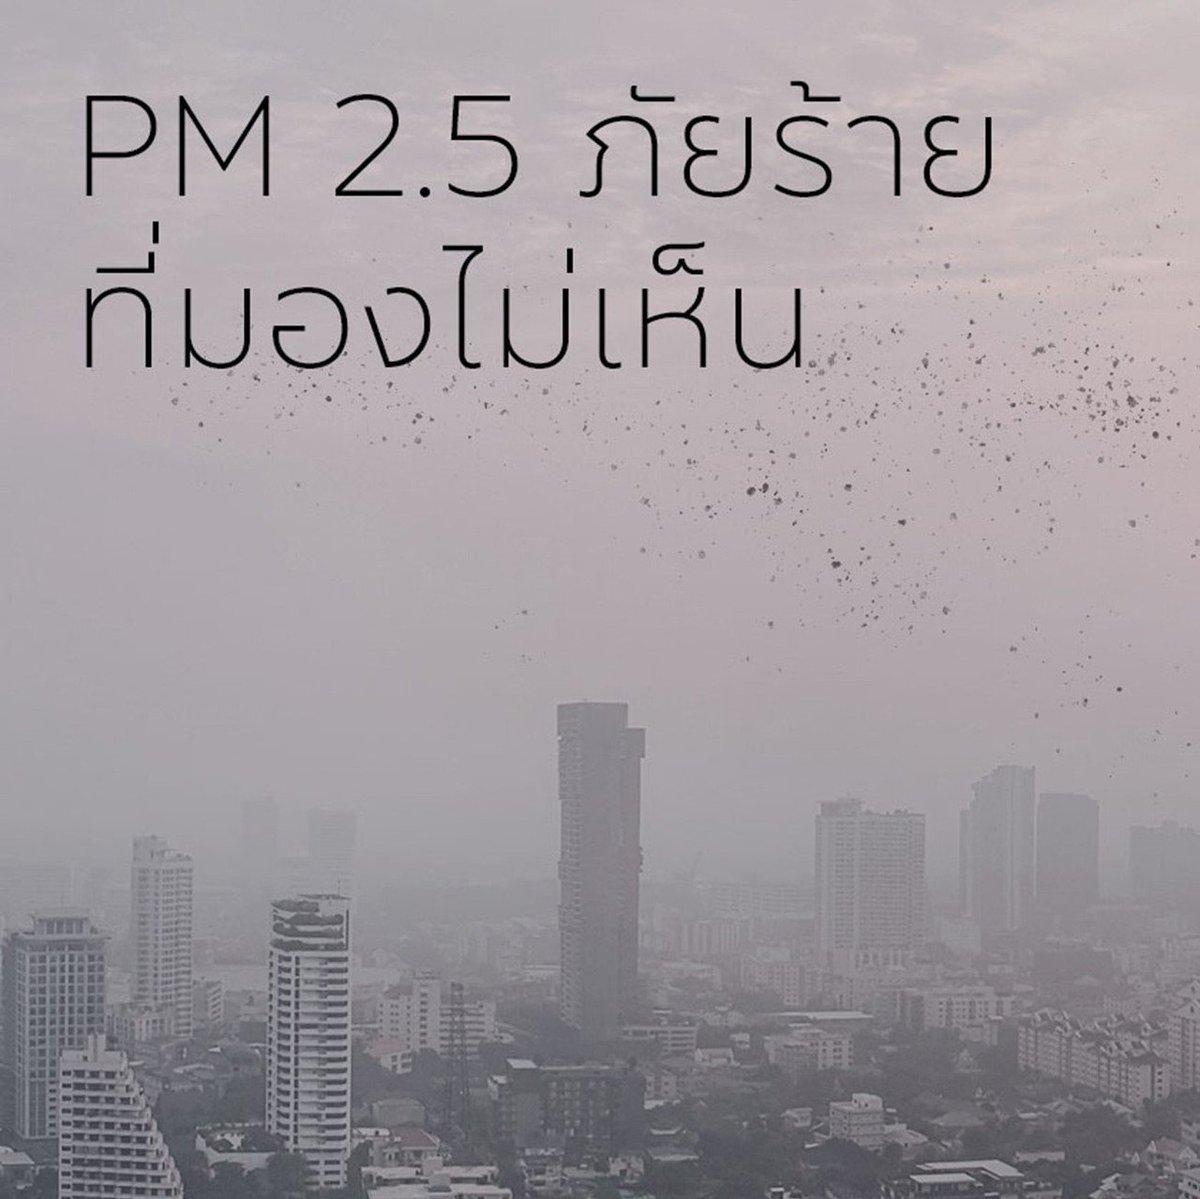 ฝุ่นละออง PM2.5 คืออะไร…แล้วเราควรรับมืออย่างไรกับภัยร้ายที่มองไม่เห็นนี้ พบคำตอบได้ที่นี่ http://wu.to/9otgXB #UNET #MultiBerries #GlutaOrange #SunProtector #Gluta #PM2.5 #InvisibleThreats #HealthyImmunity